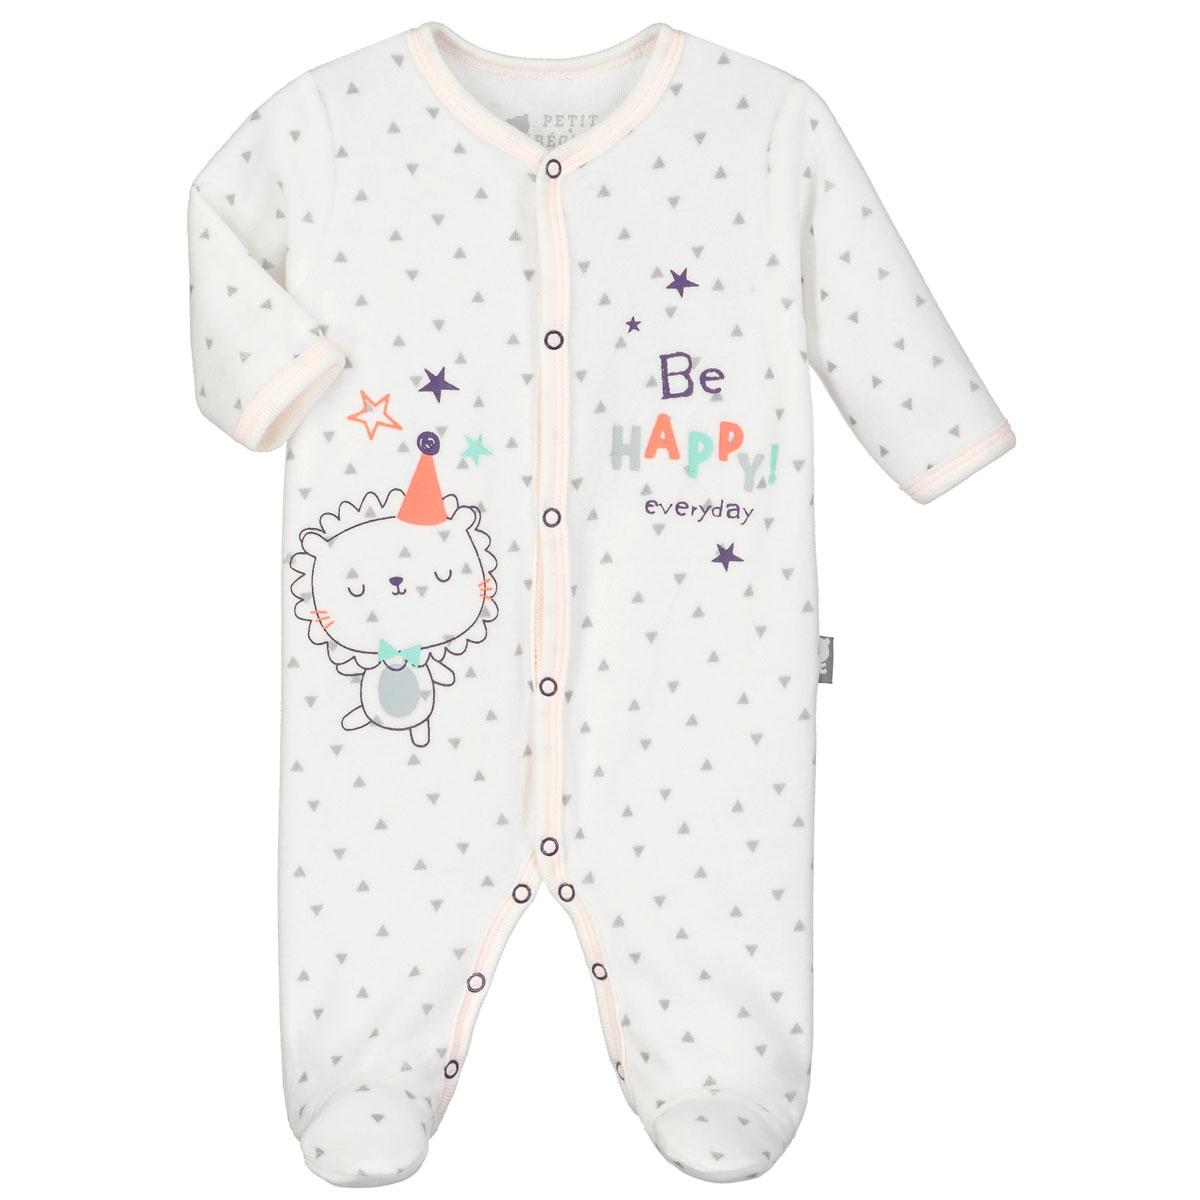 3861a9672657d Pyjama bébé velours Hello - PETIT BEGUIN en 3 mois